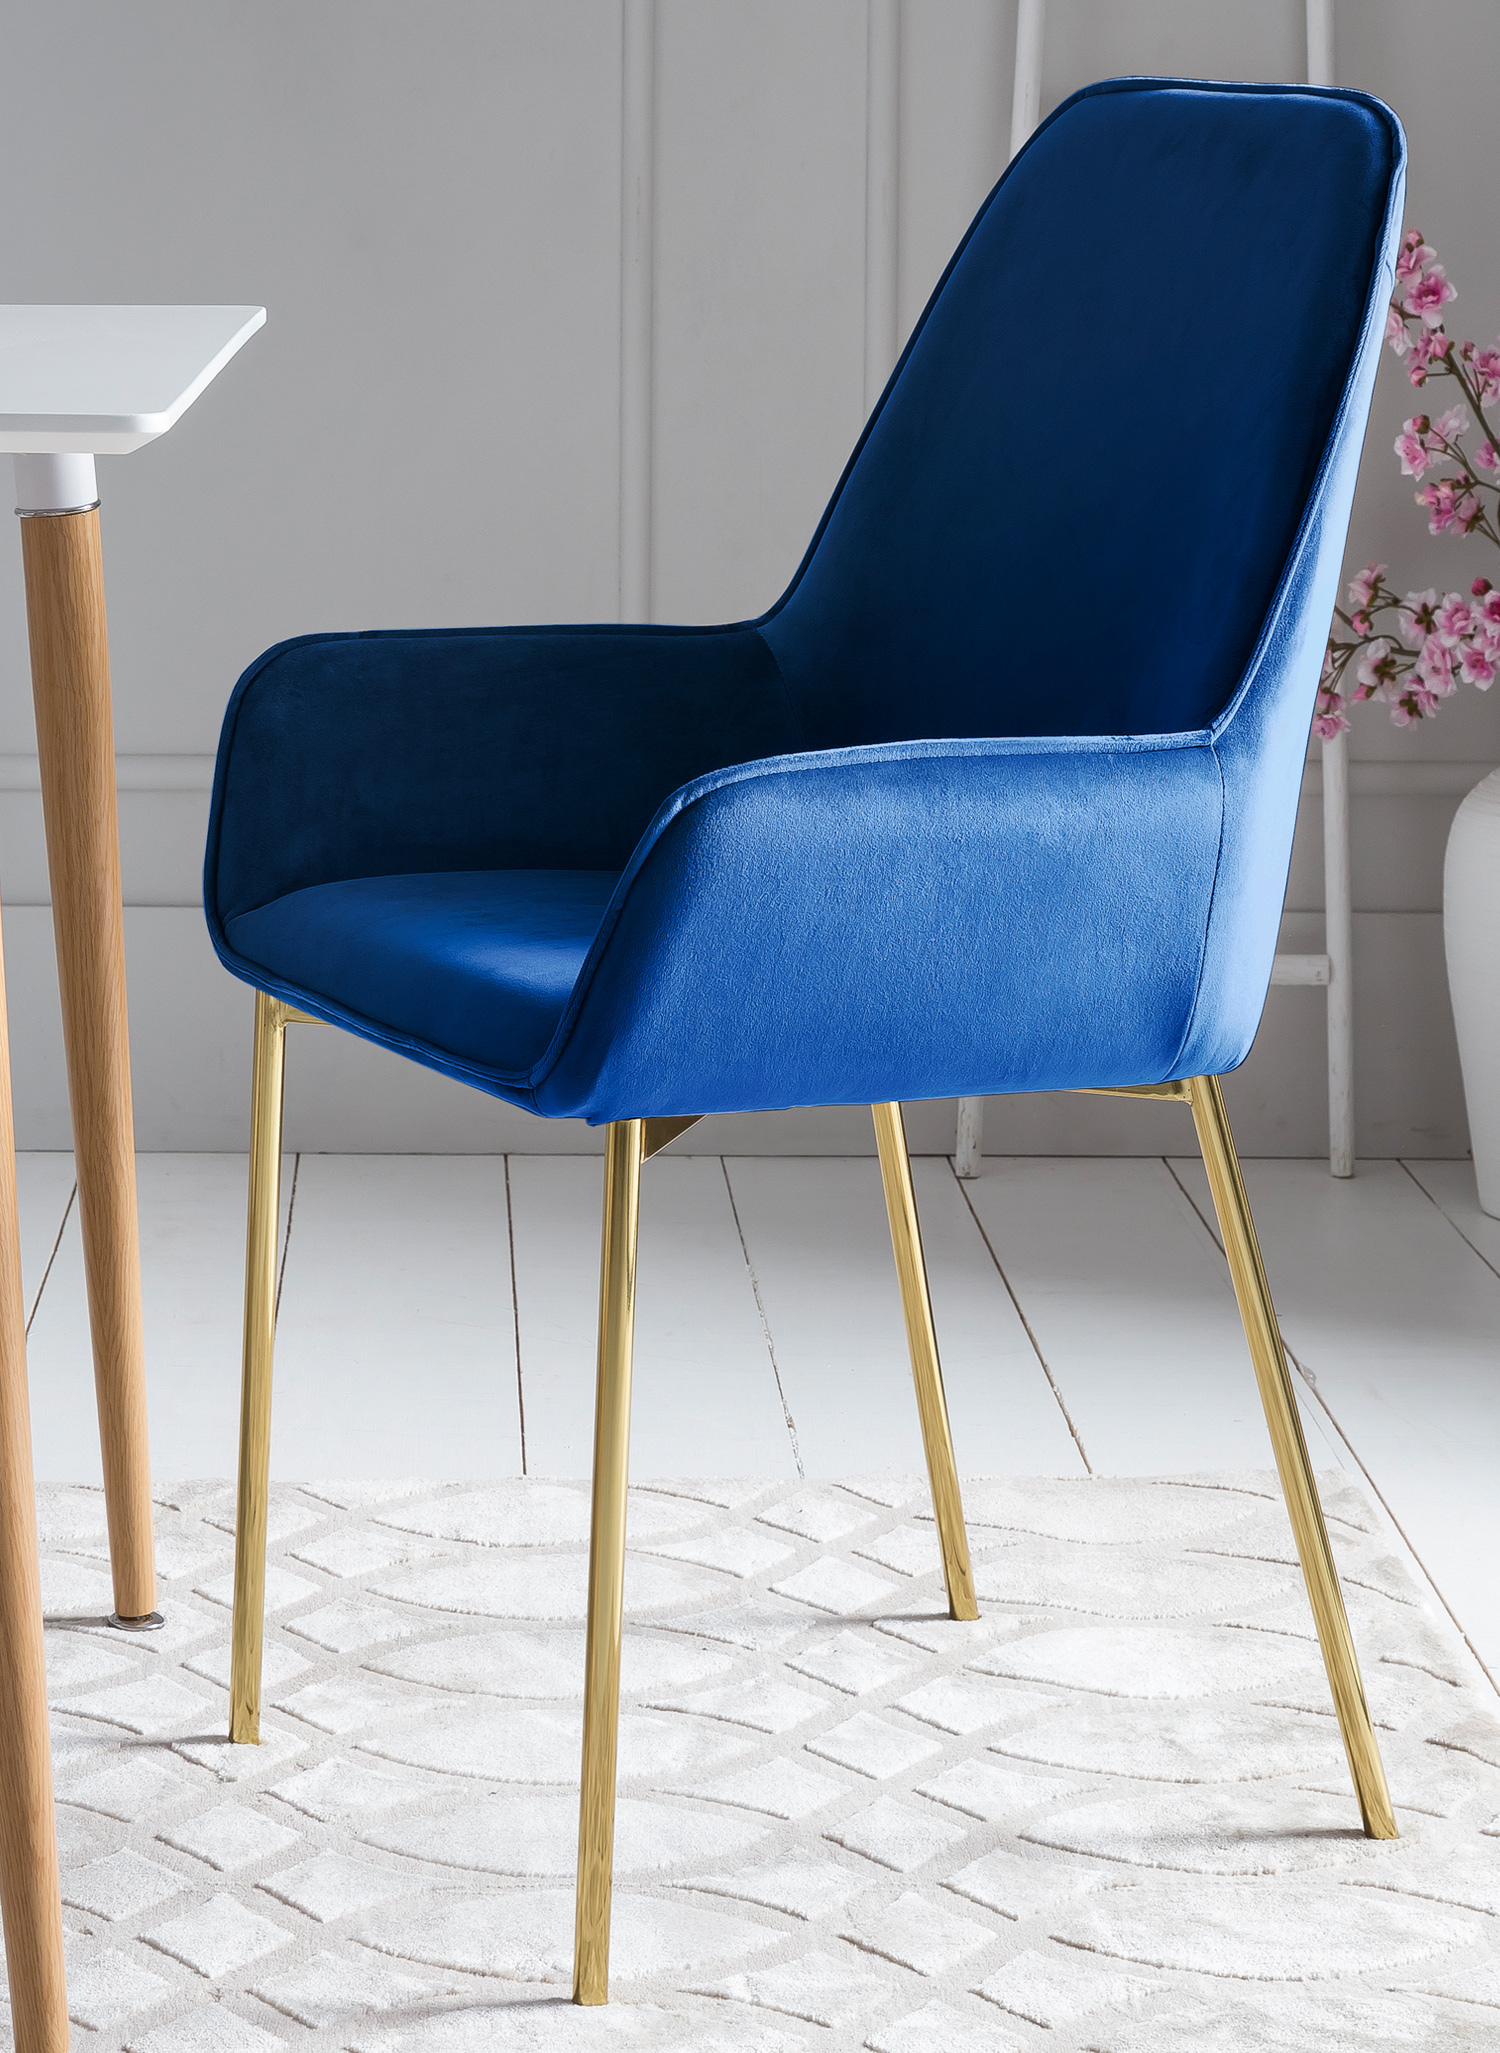 Details zu 2 x Esszimmerstuhl Polsterstuhl blau Samt Armlehnen Messing Standbeine LINNEA